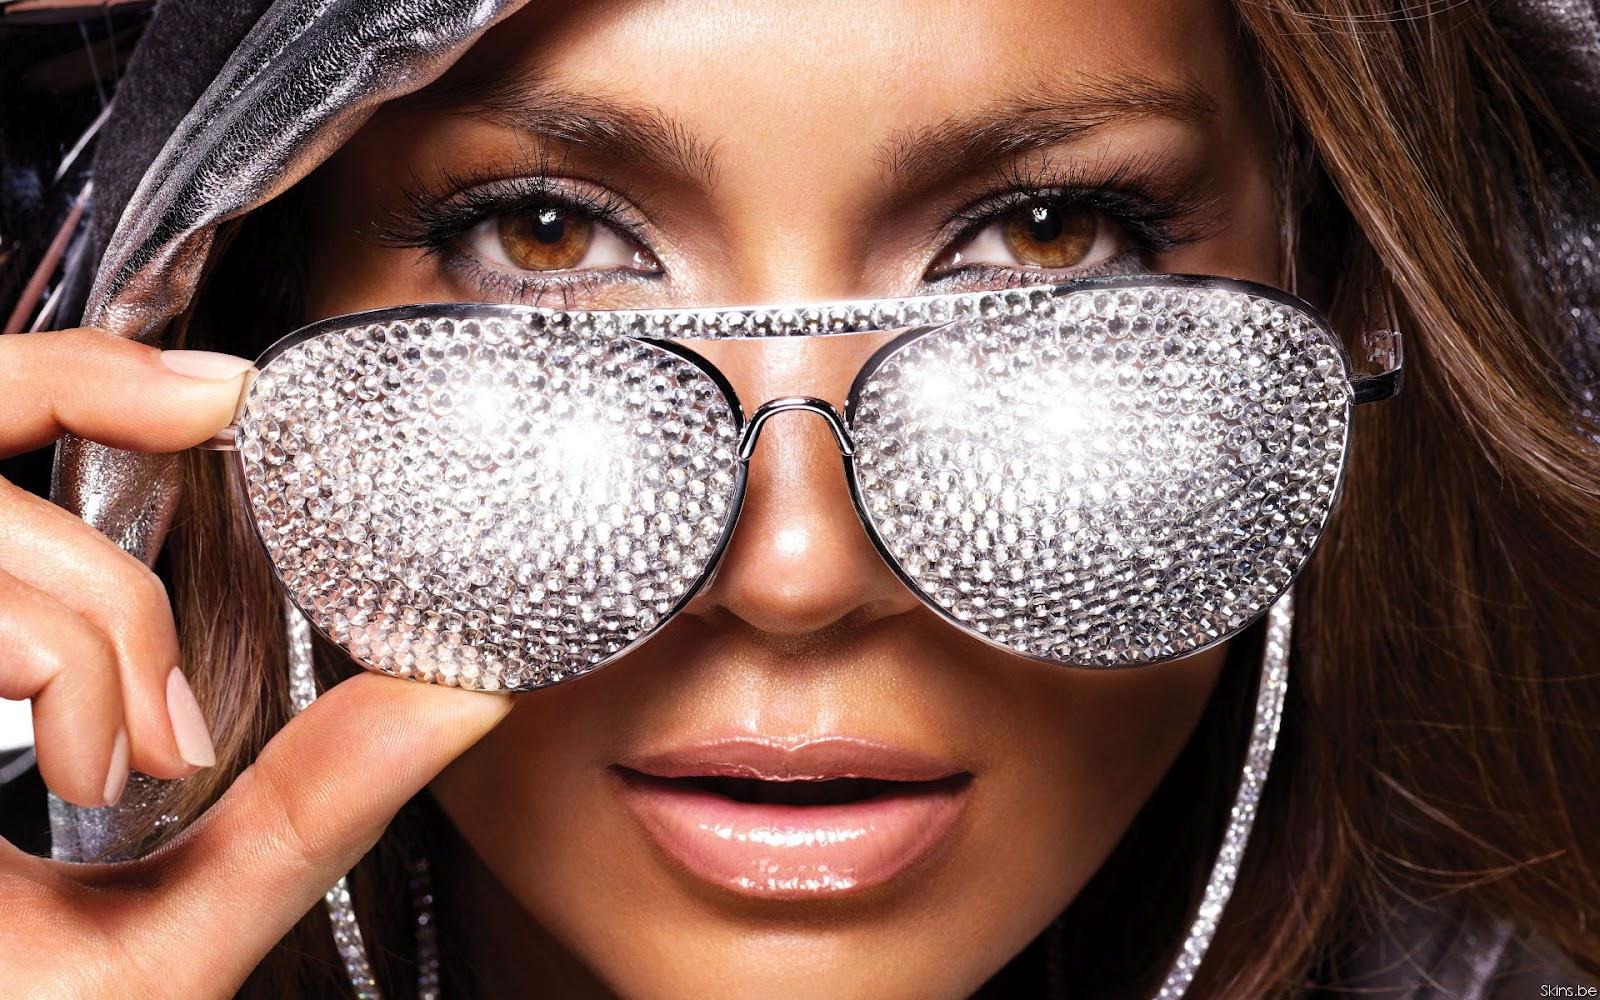 http://1.bp.blogspot.com/-Ayz9_2_LRMc/T56teRKLvVI/AAAAAAAABas/JigNWgrMhuU/s1600/Jennifer+Lopez+wallpapers+10.jpg